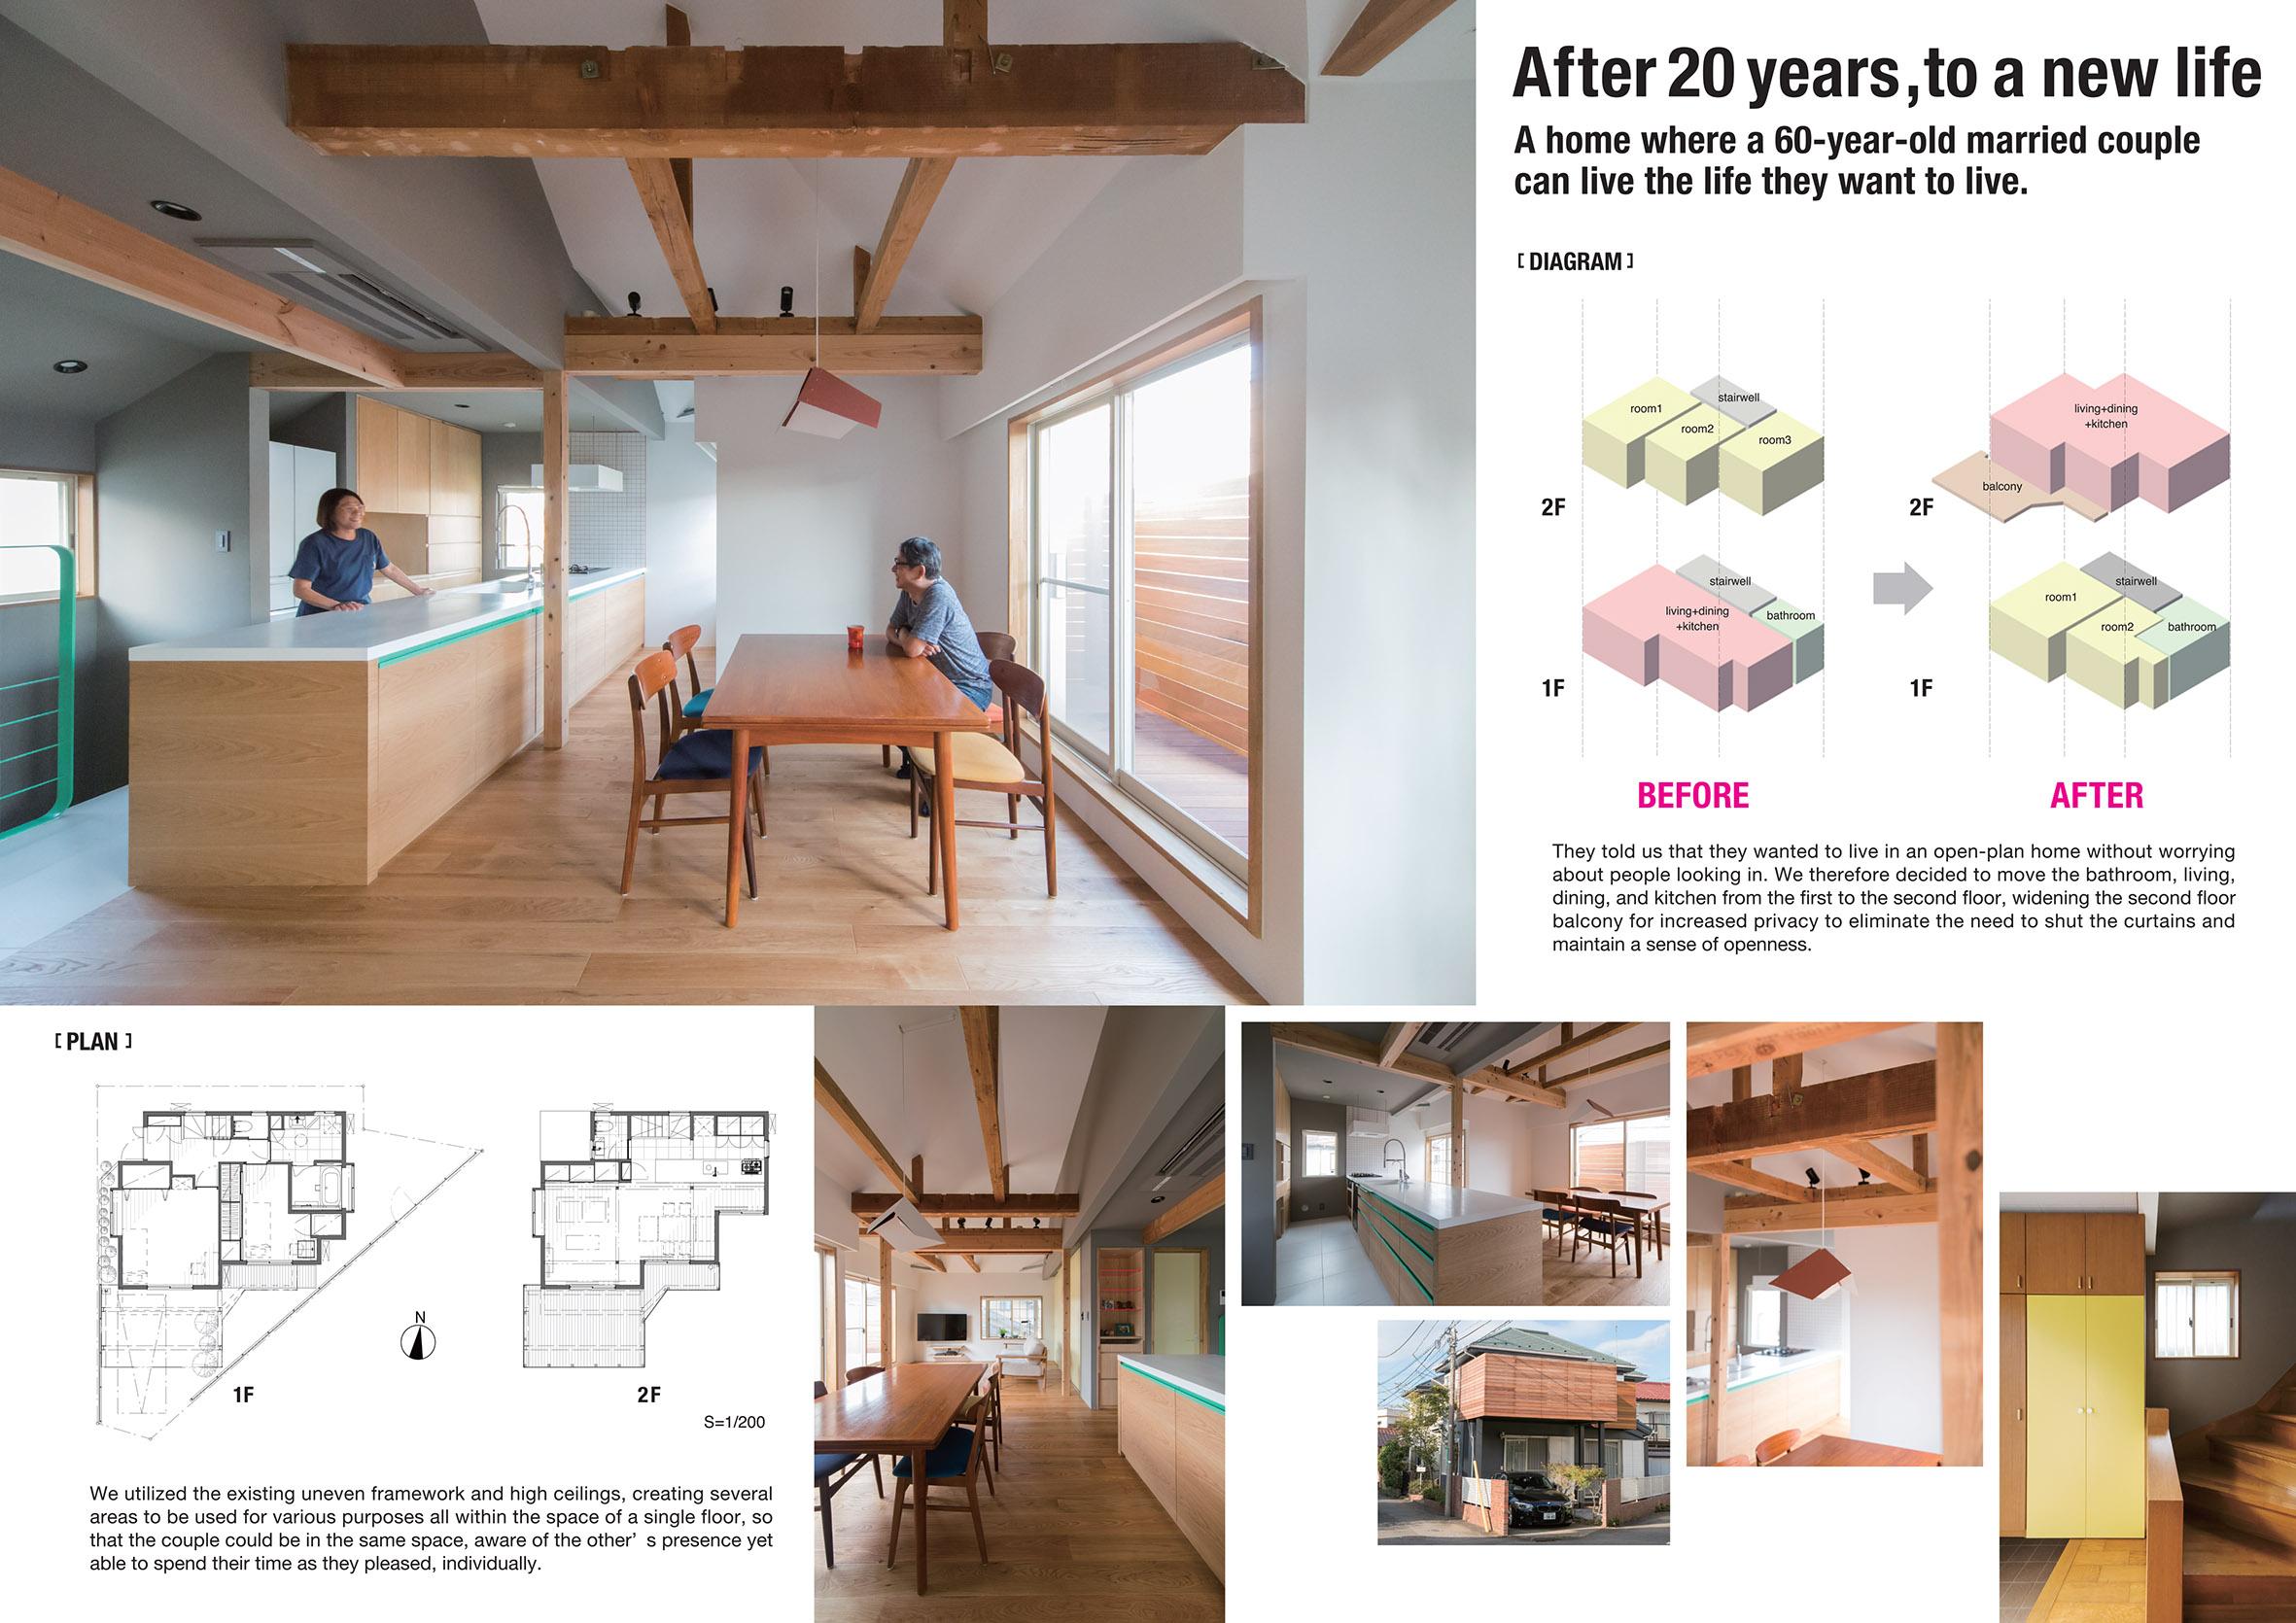 MIYASHITA house - Design by: design tokaInterior Division: ResidentialWebsite: https://www.designtoka.com